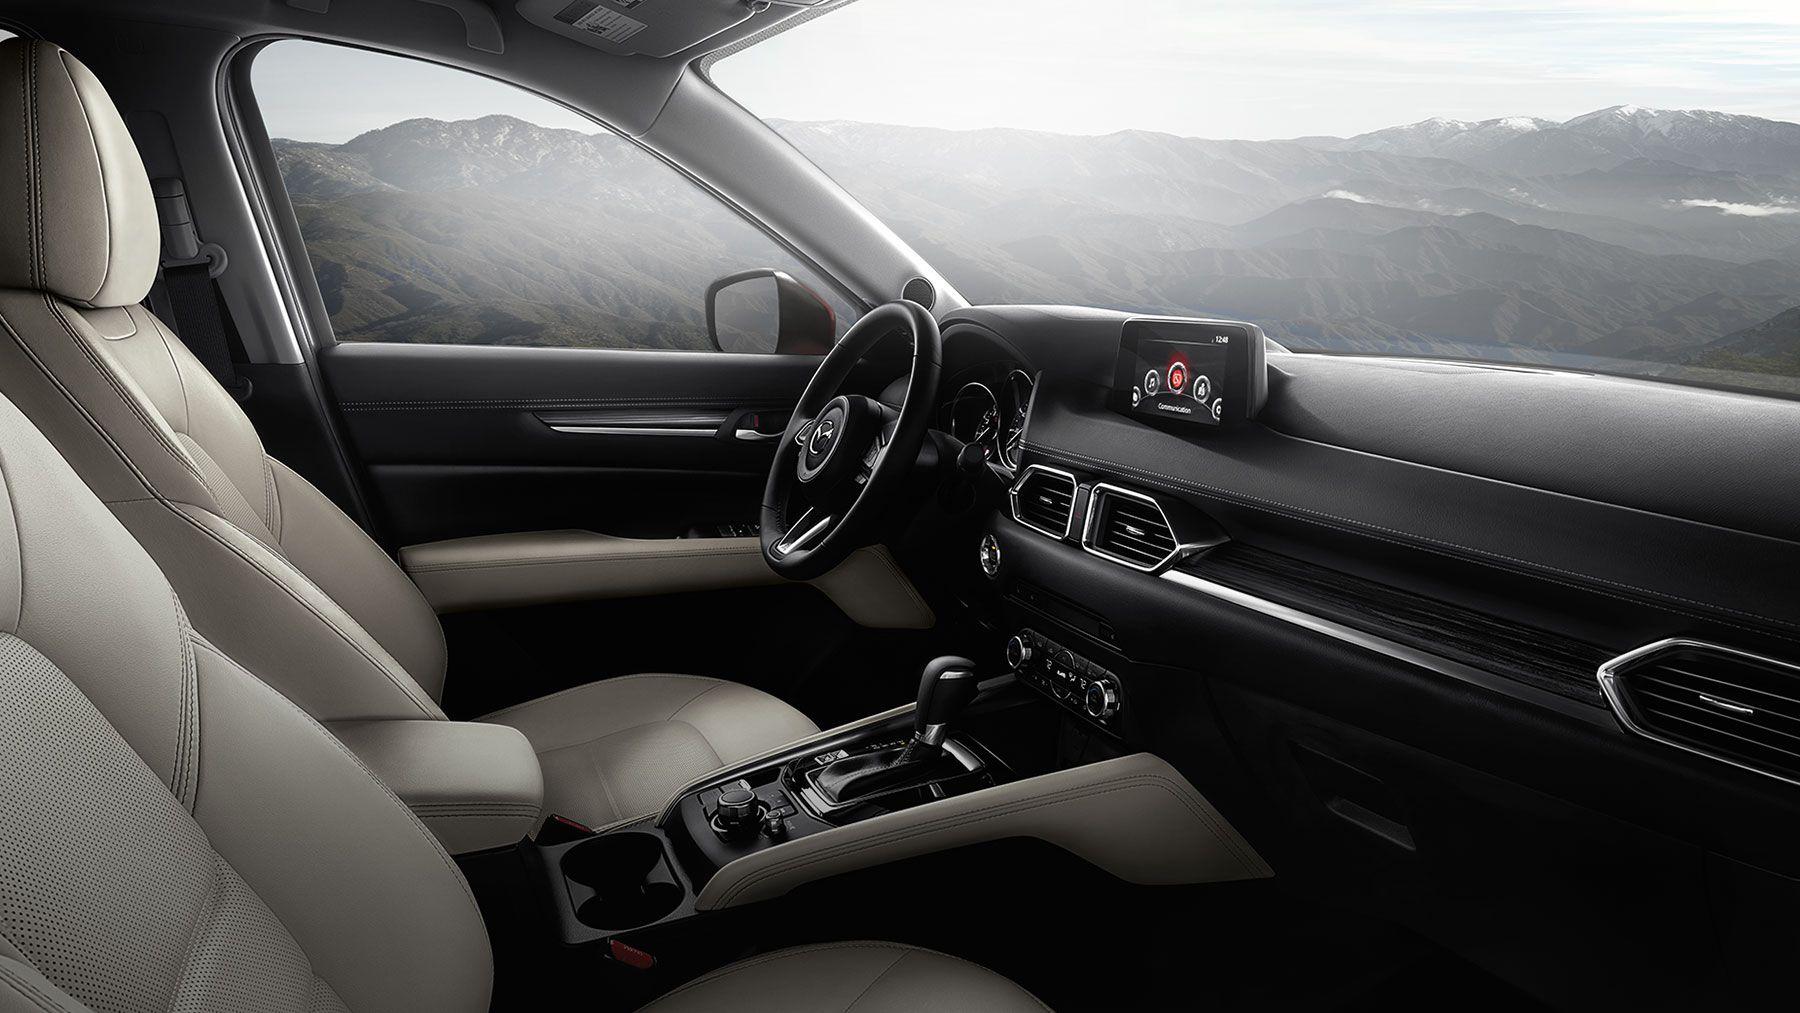 2018 Mazda CX-5 Crossover - Pictures & Videos | Mazda USA